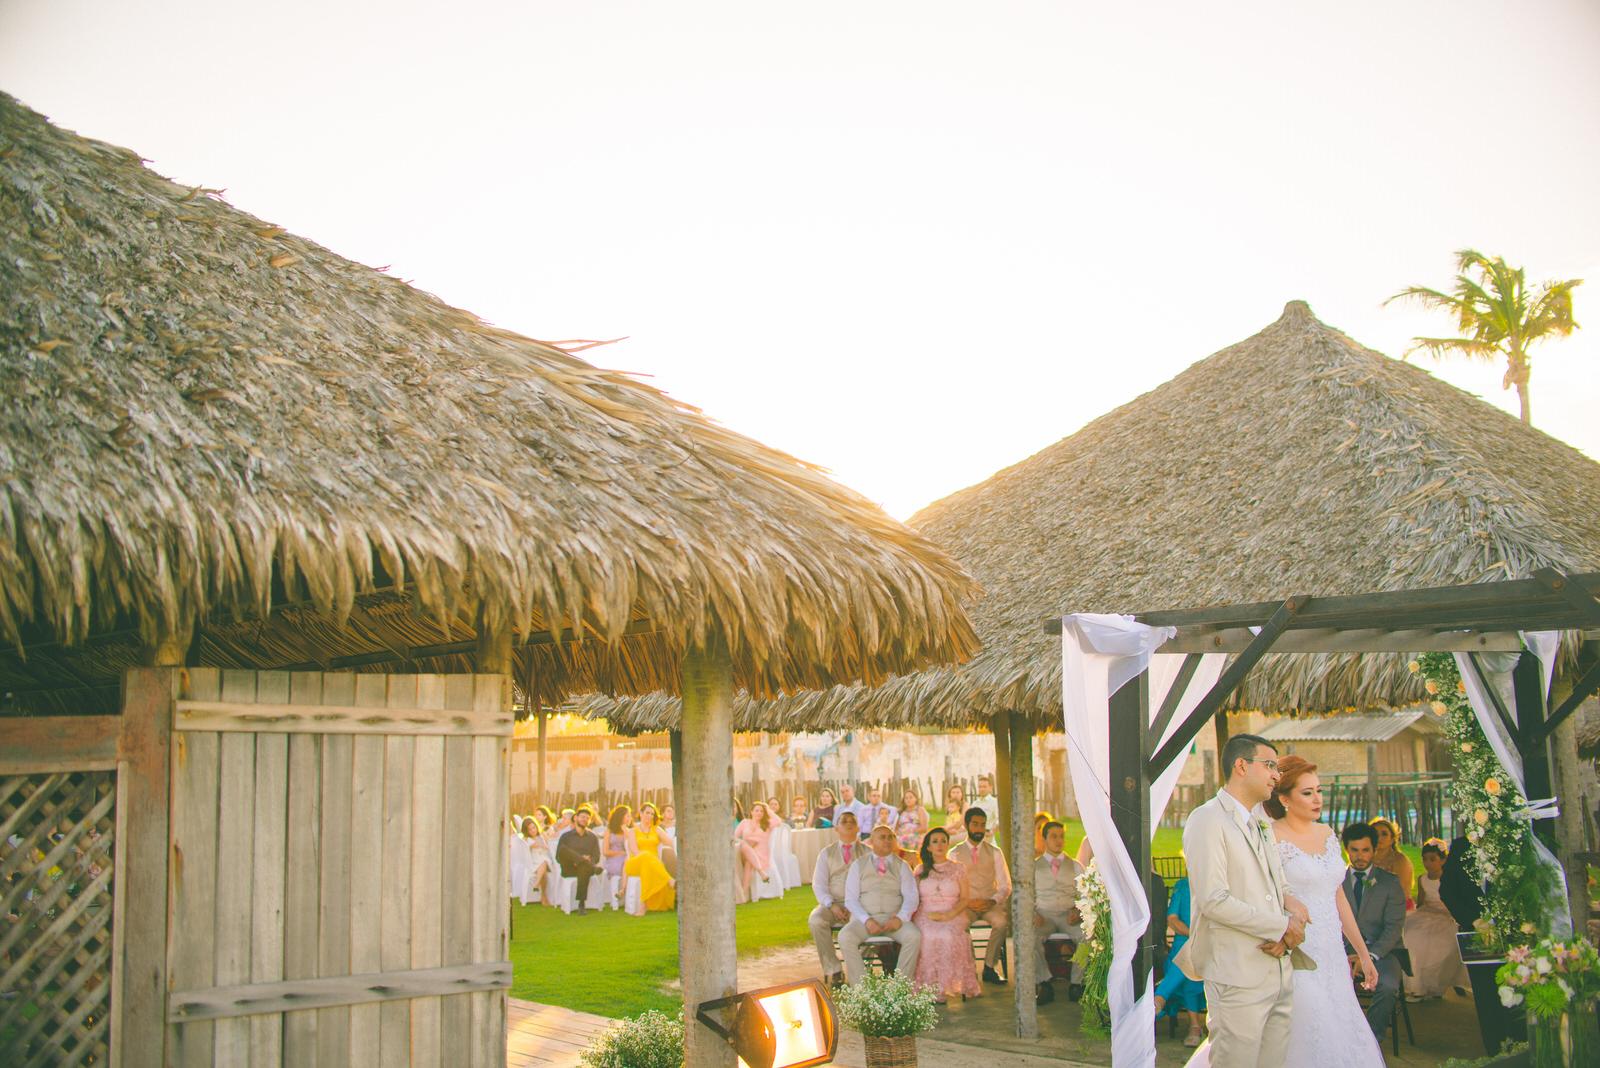 casamento-em-barraca-solarium-praia-do-futuro-46